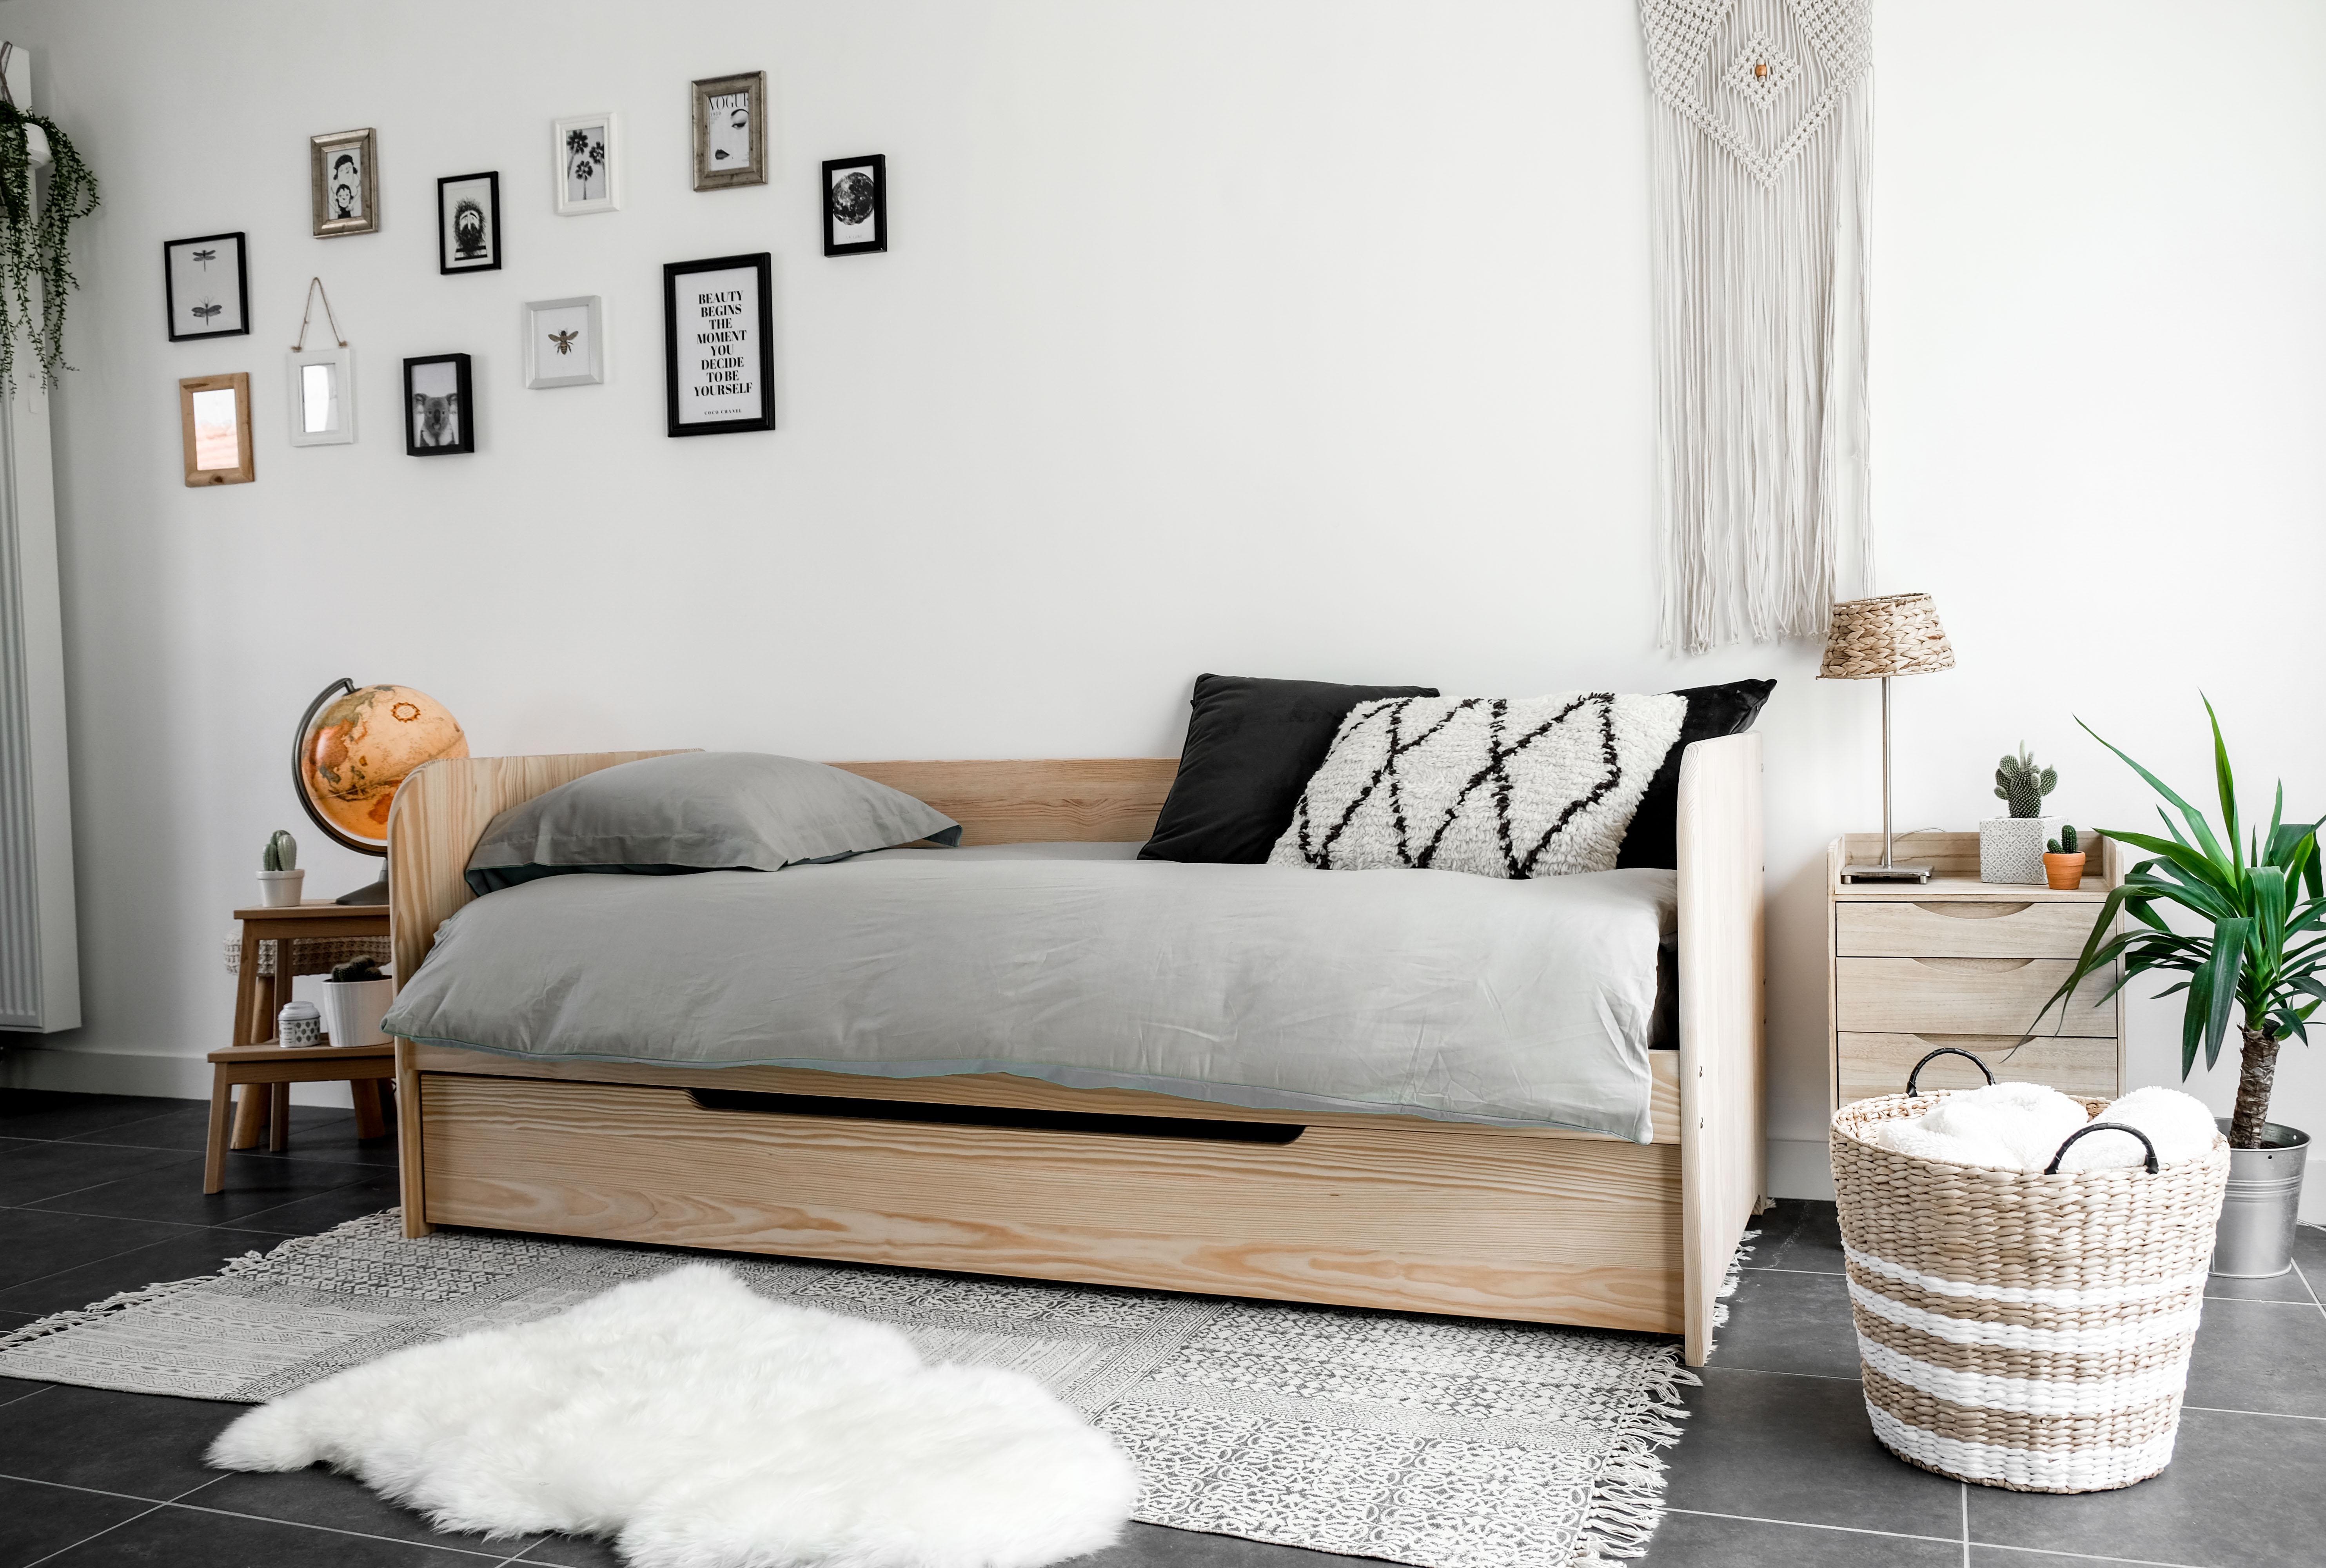 Comment optimiser l 39 espace dans une petite chambre cocon d co vie nomade - Blog couture deco maison ...